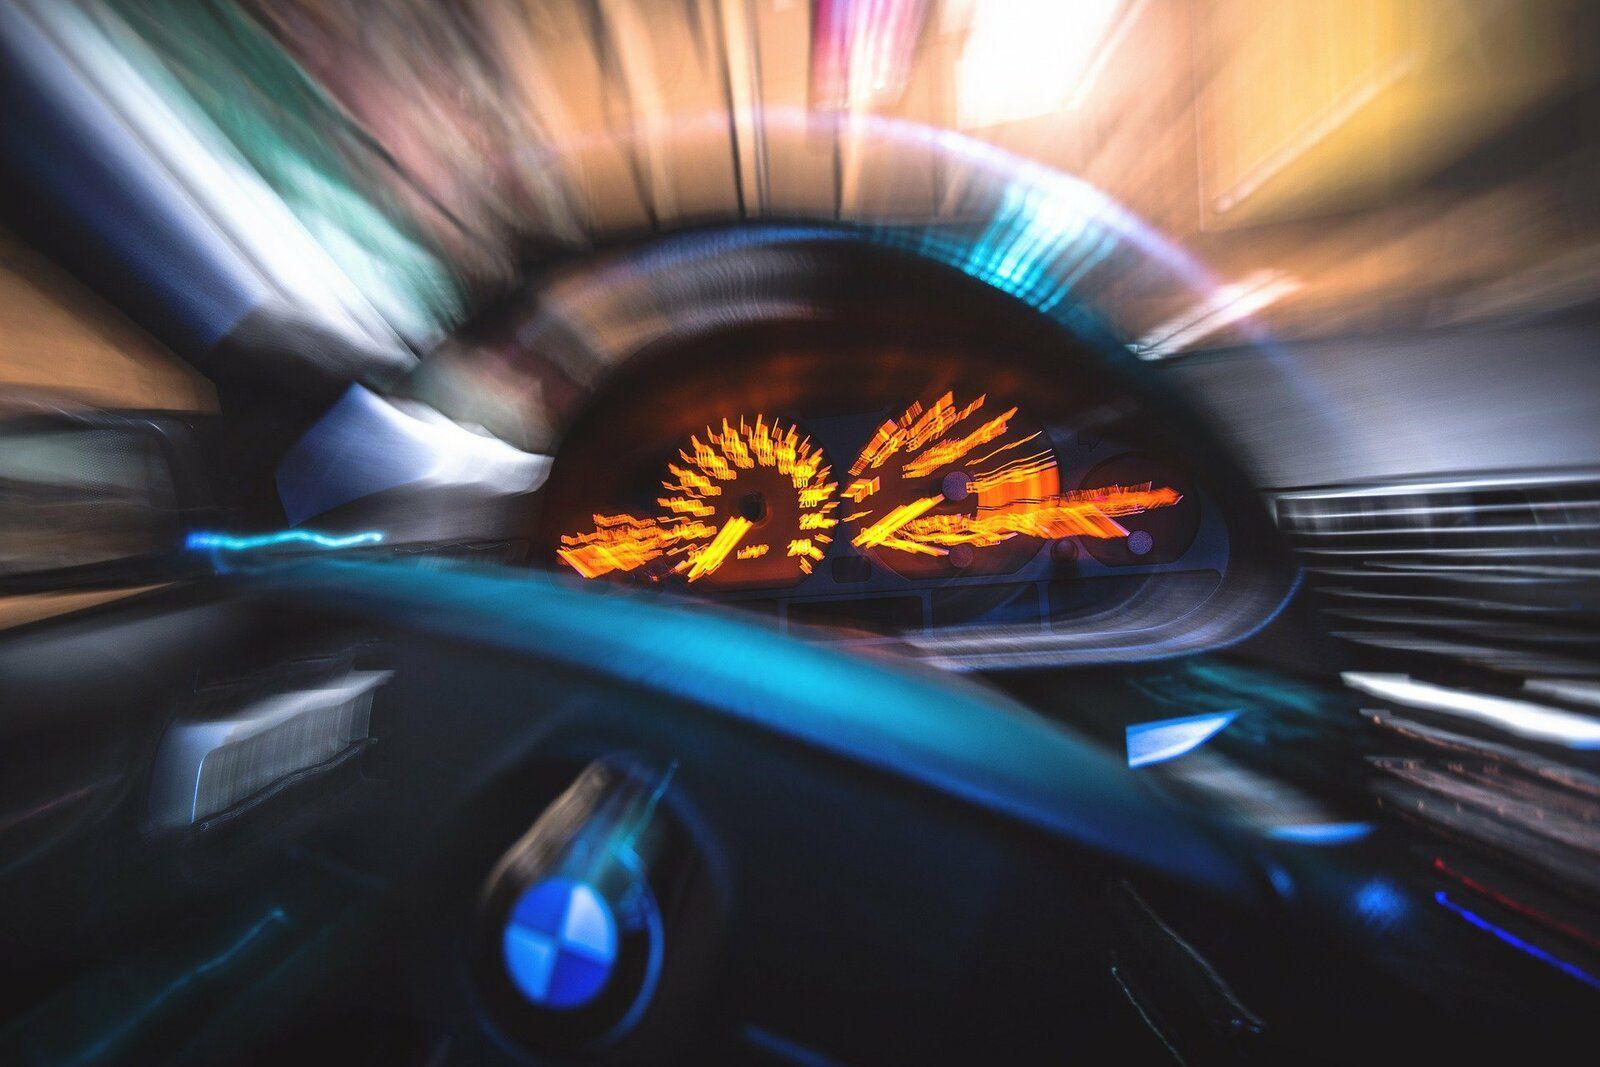 Le Mans, excès de vitesse de plus de 50 km/h